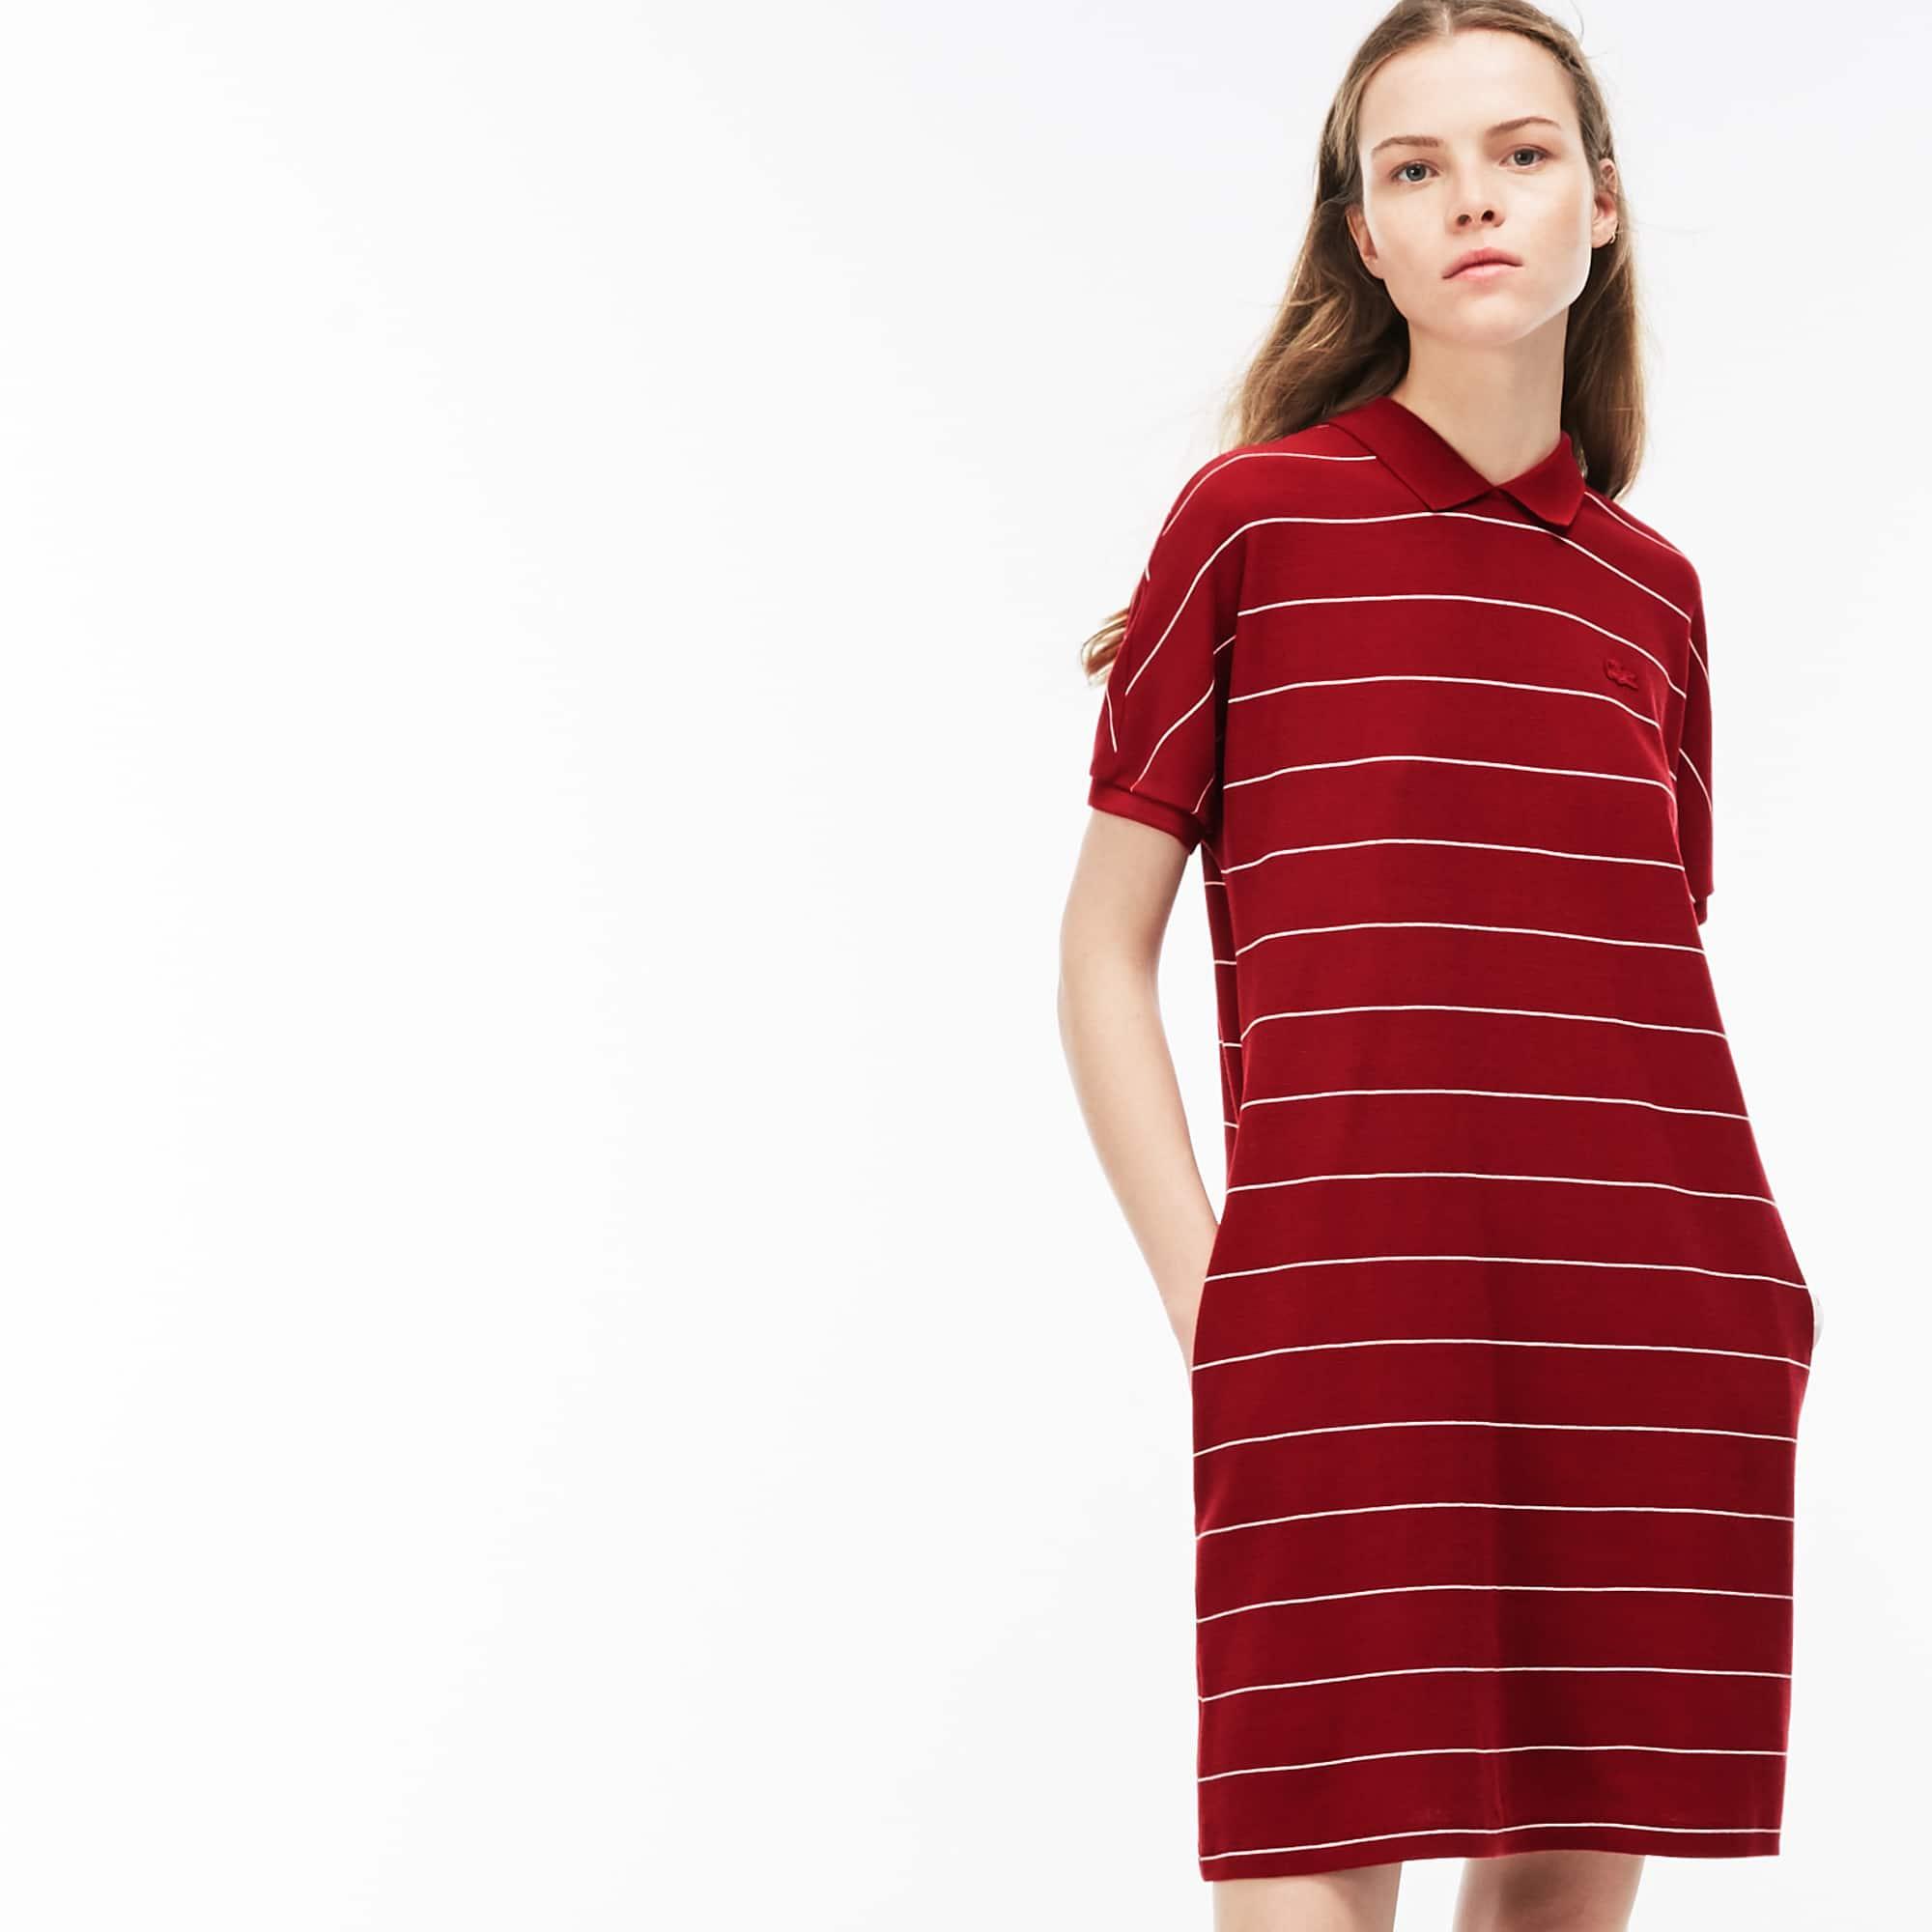 Damen-Polokleid aus gestreifter Baumwolle mit Wabenstruktur